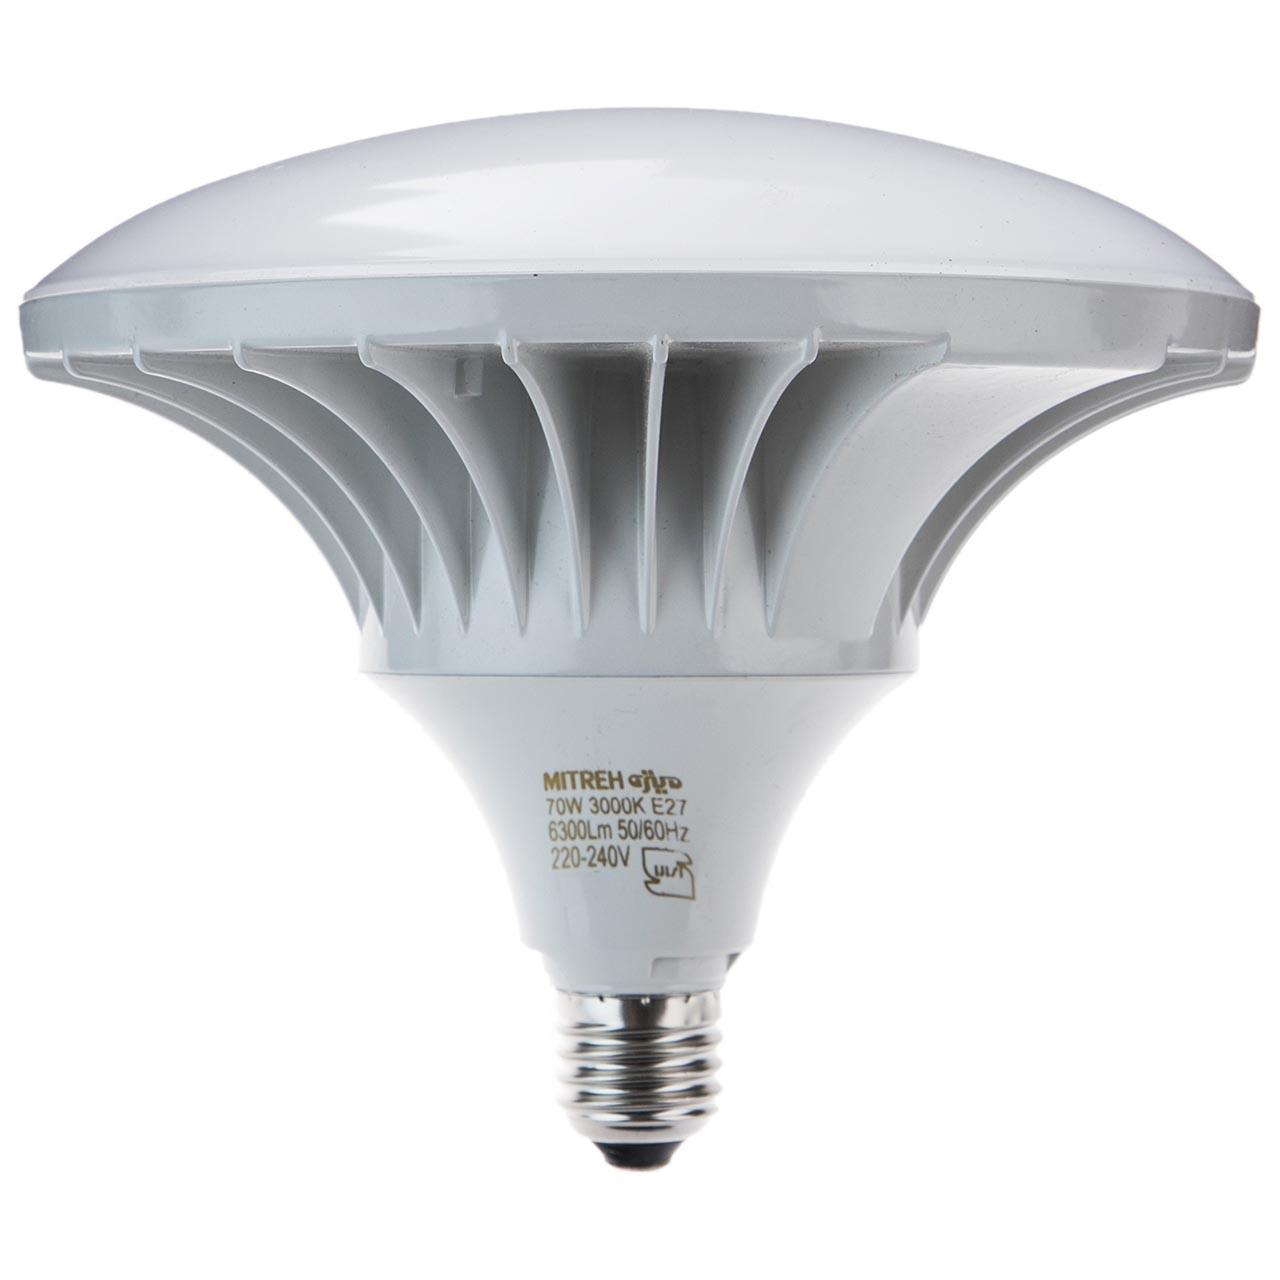 لامپ ال اي دي 70 وات ميتره مدل mashroom70 پايه E27